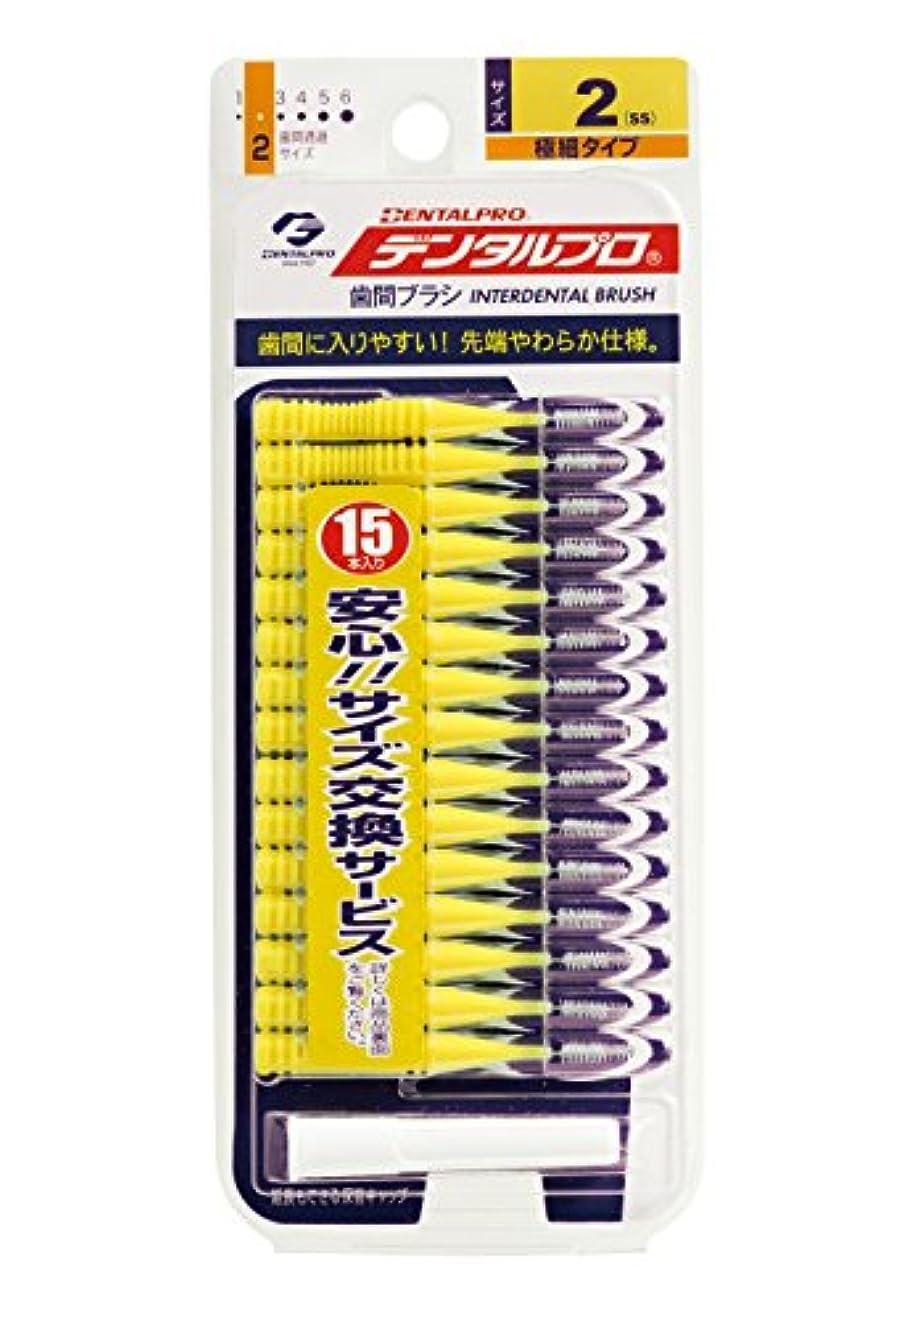 スリチンモイ元気な安定したデンタルプロ 歯間ブラシ I字型サイズ2(SS) 15P